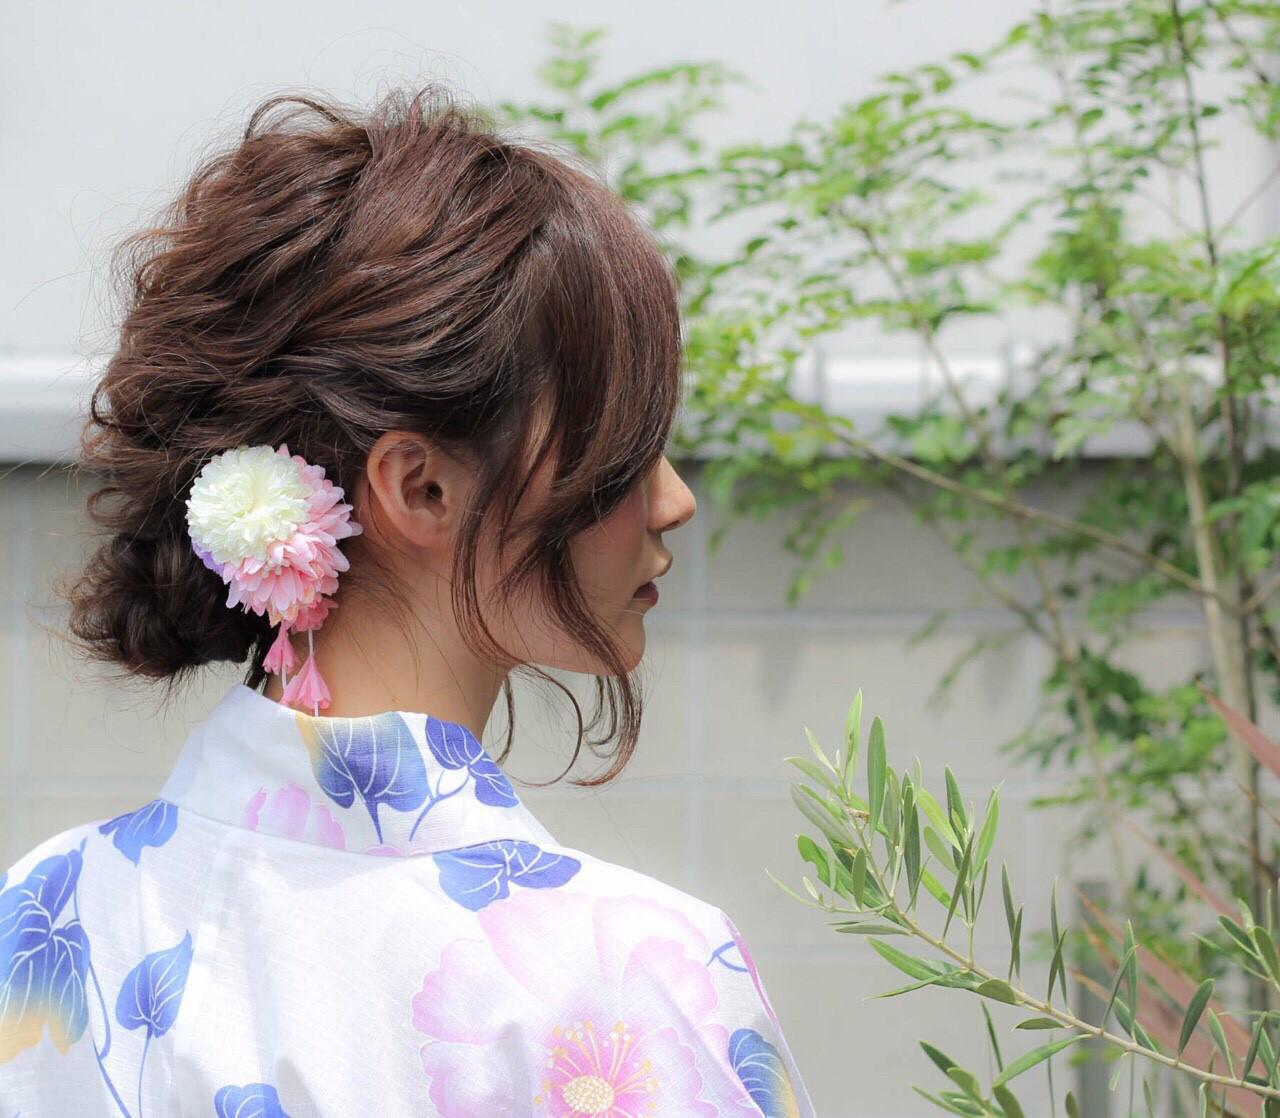 色気 デート まとめ髪 ヘアアレンジ ヘアスタイルや髪型の写真・画像